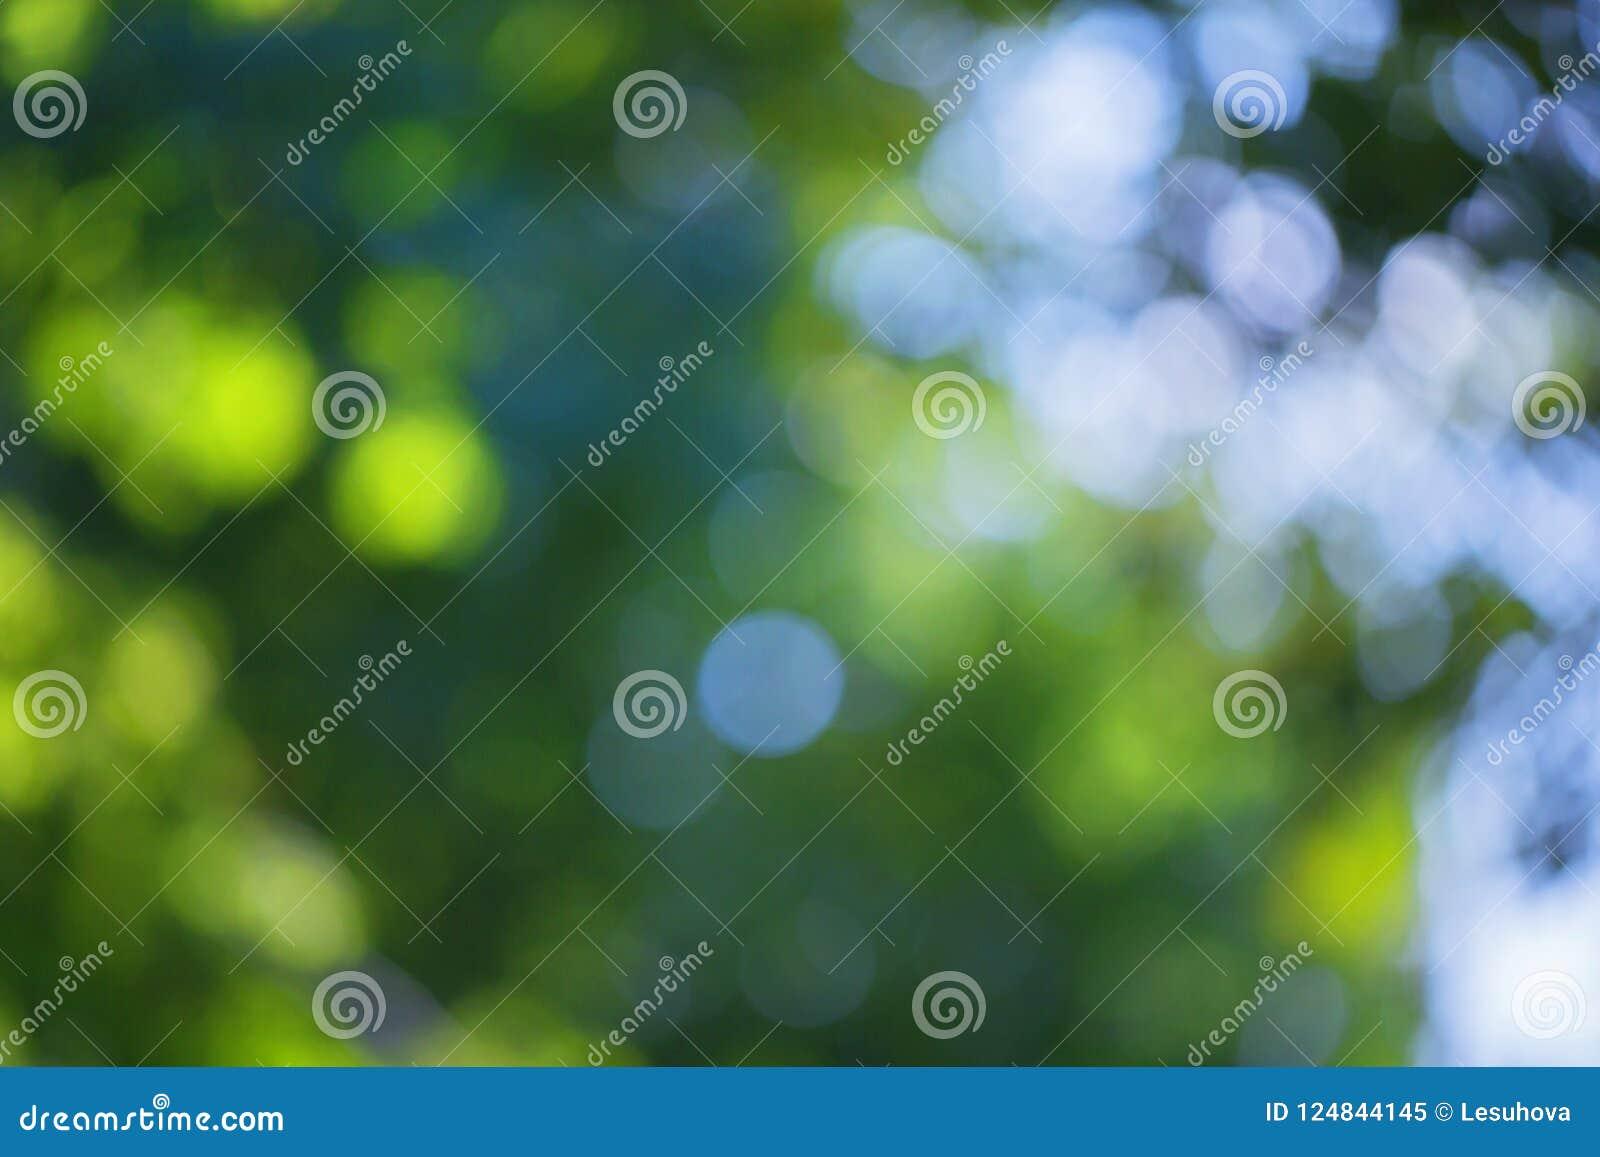 Vaag bokeh effect op een achtergrond van groene boombladeren